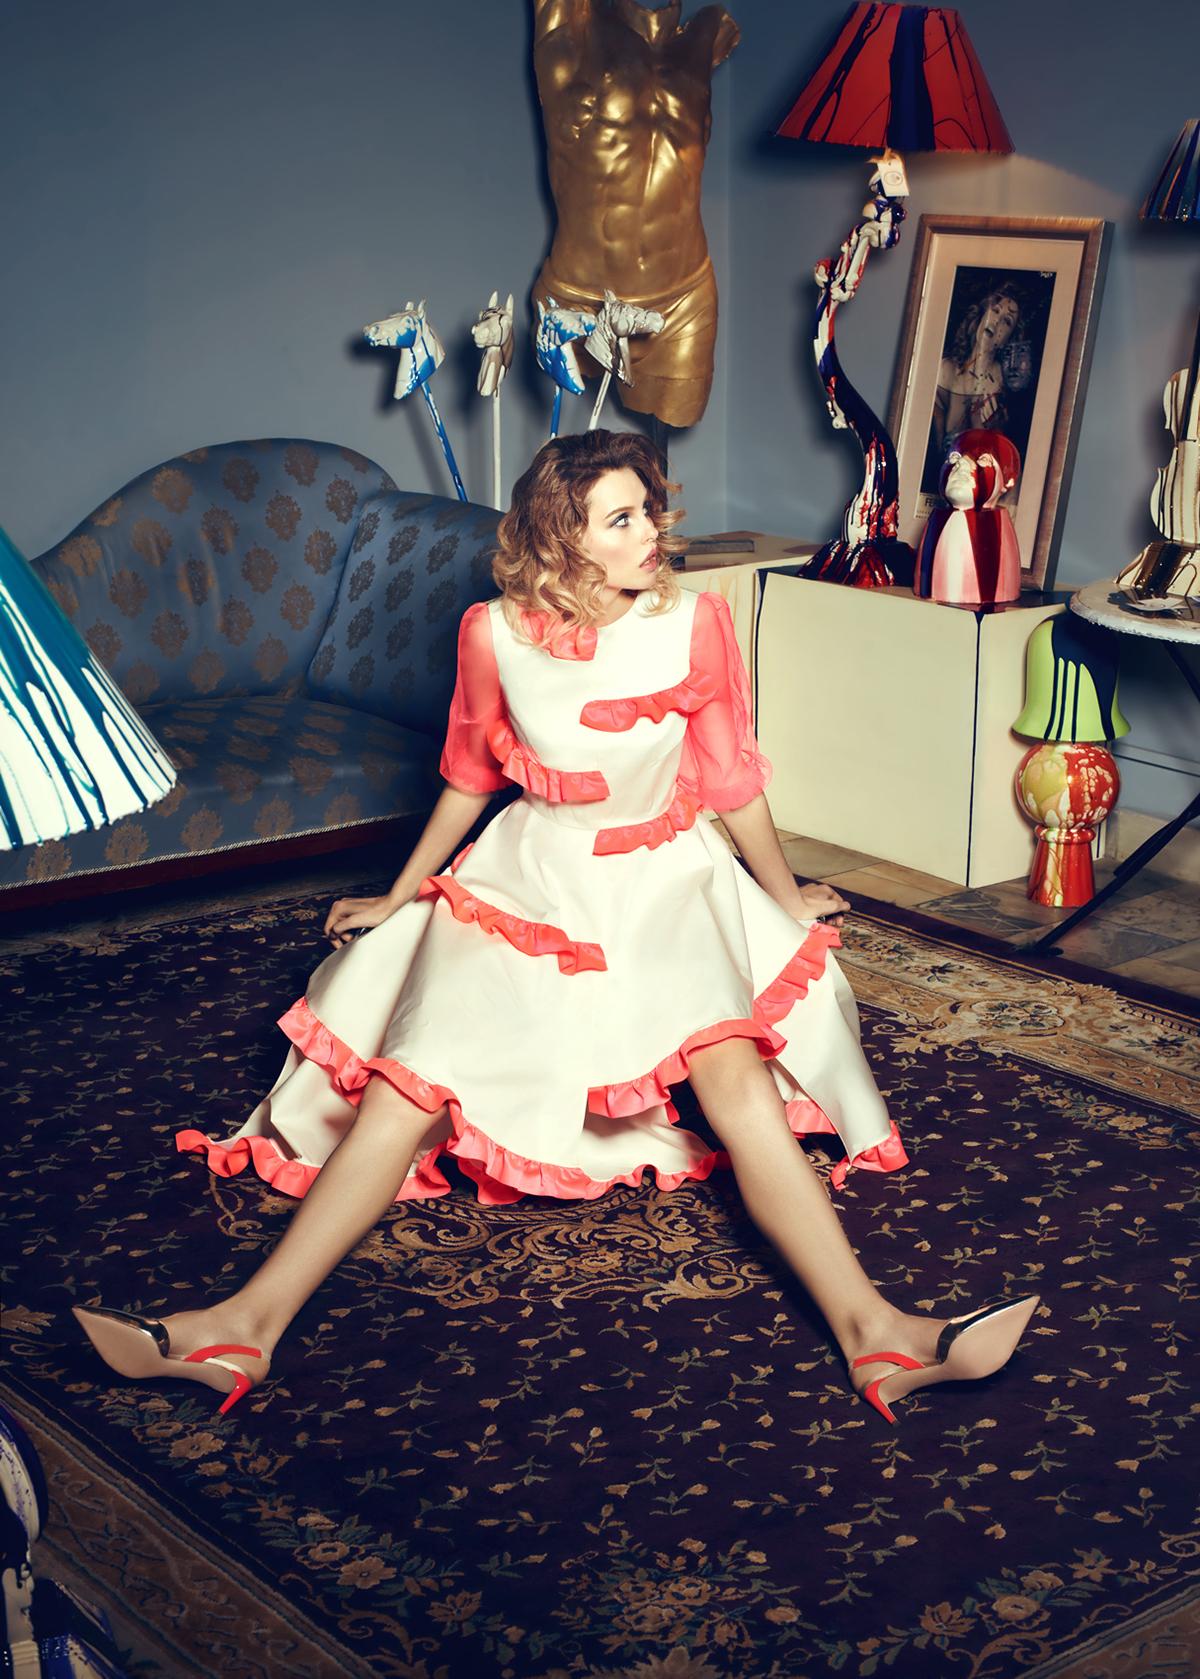 Красивая девушка в красном платье / фото Александр Плотников Alexandr Plotnikov